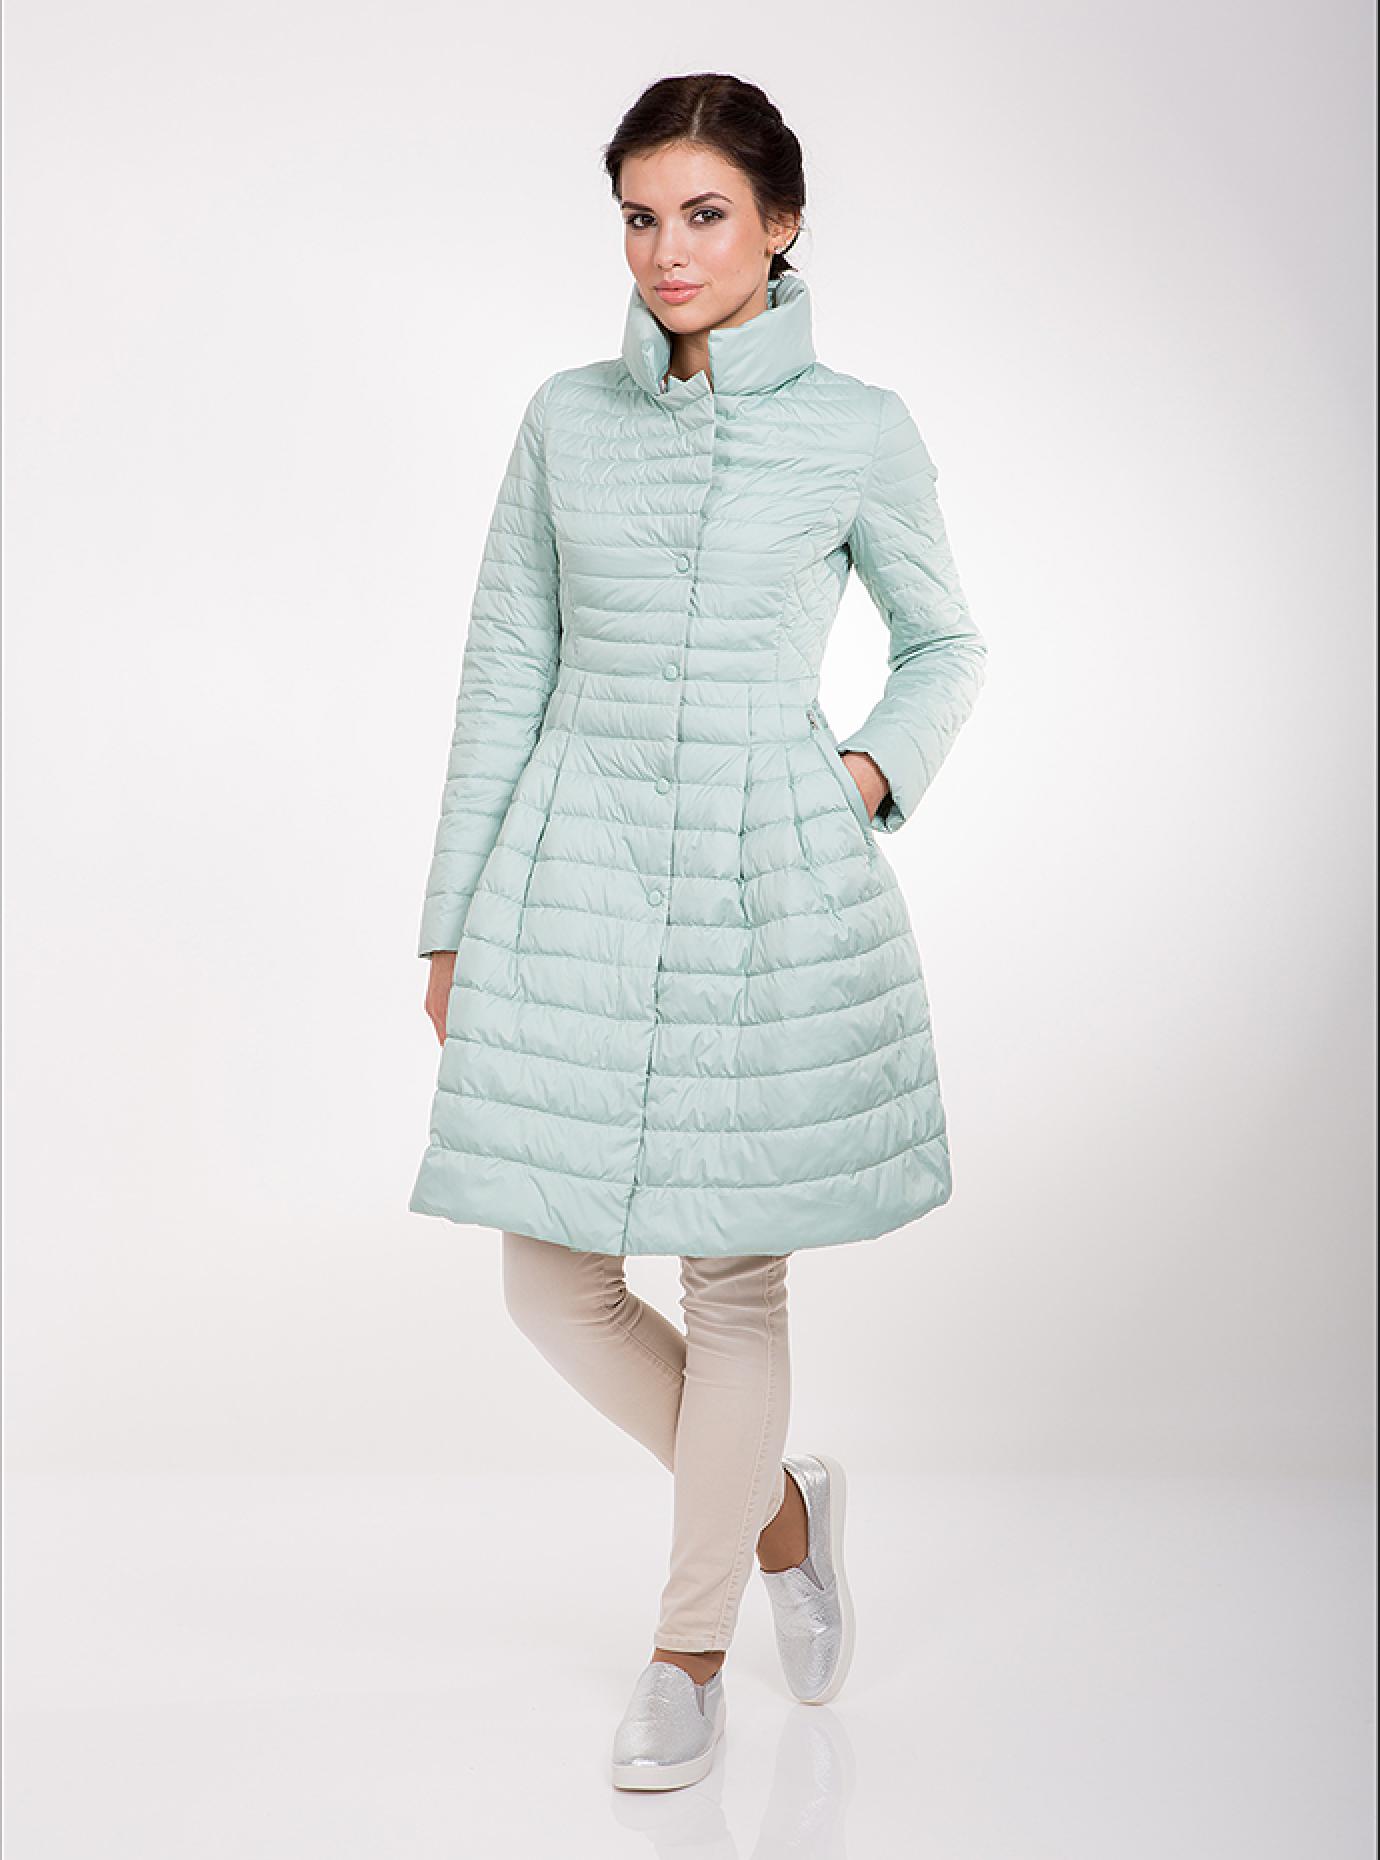 Куртка женская демисезонная на пуговицах Мятный XS (02-CD18114): фото - Alster.ua